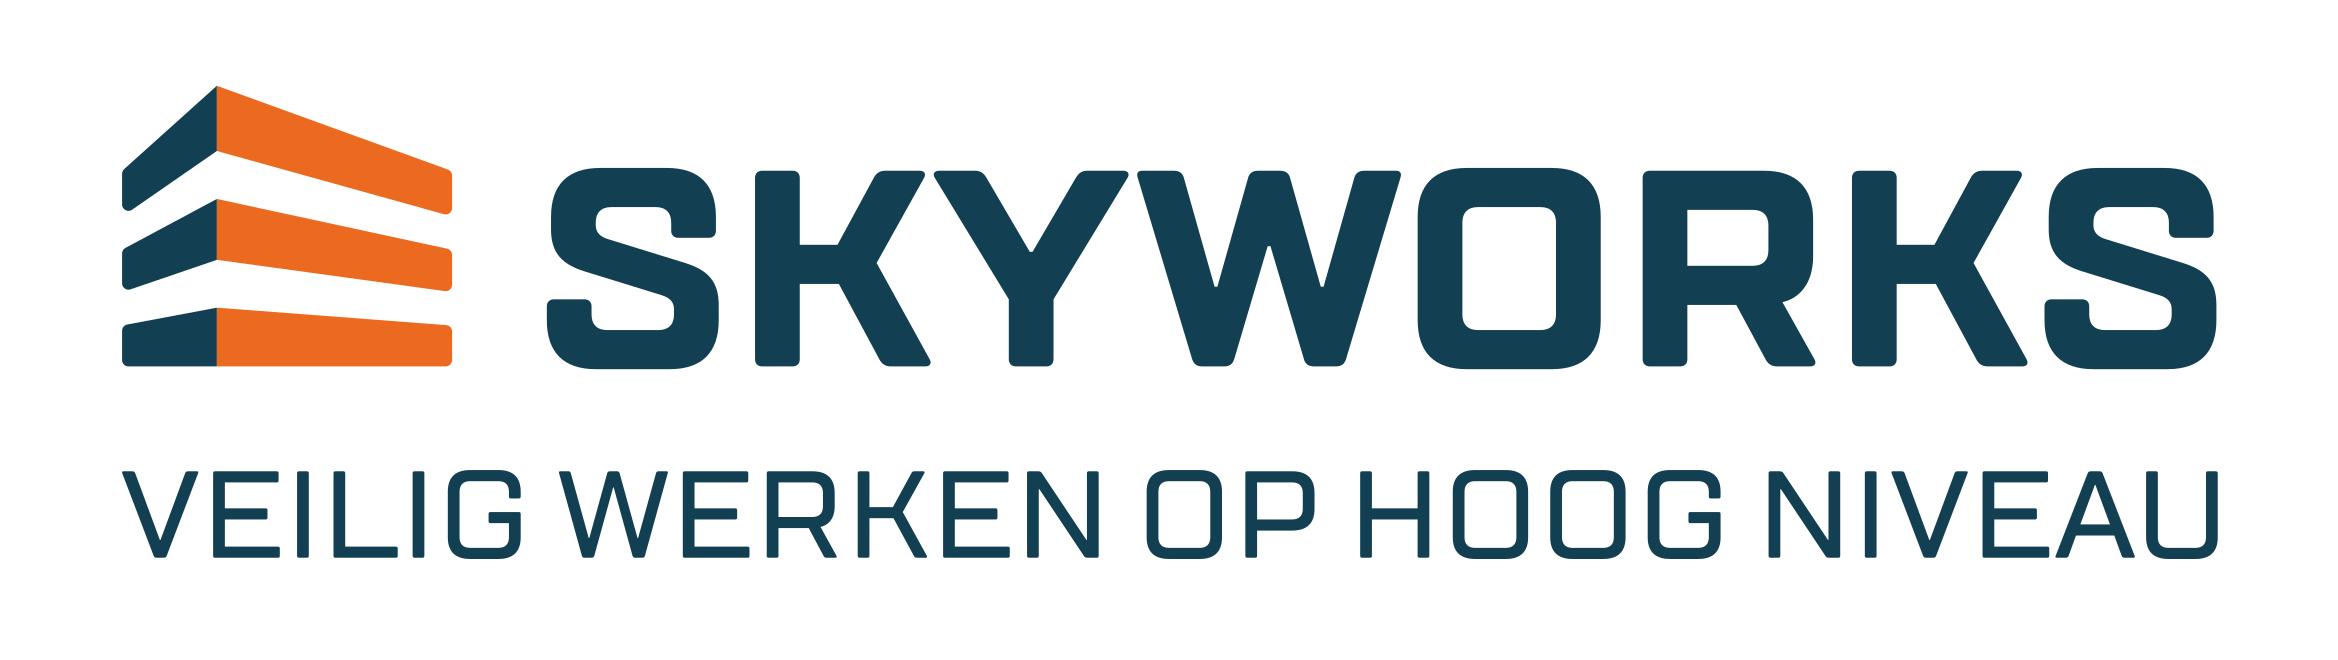 Skyworks logo 2019